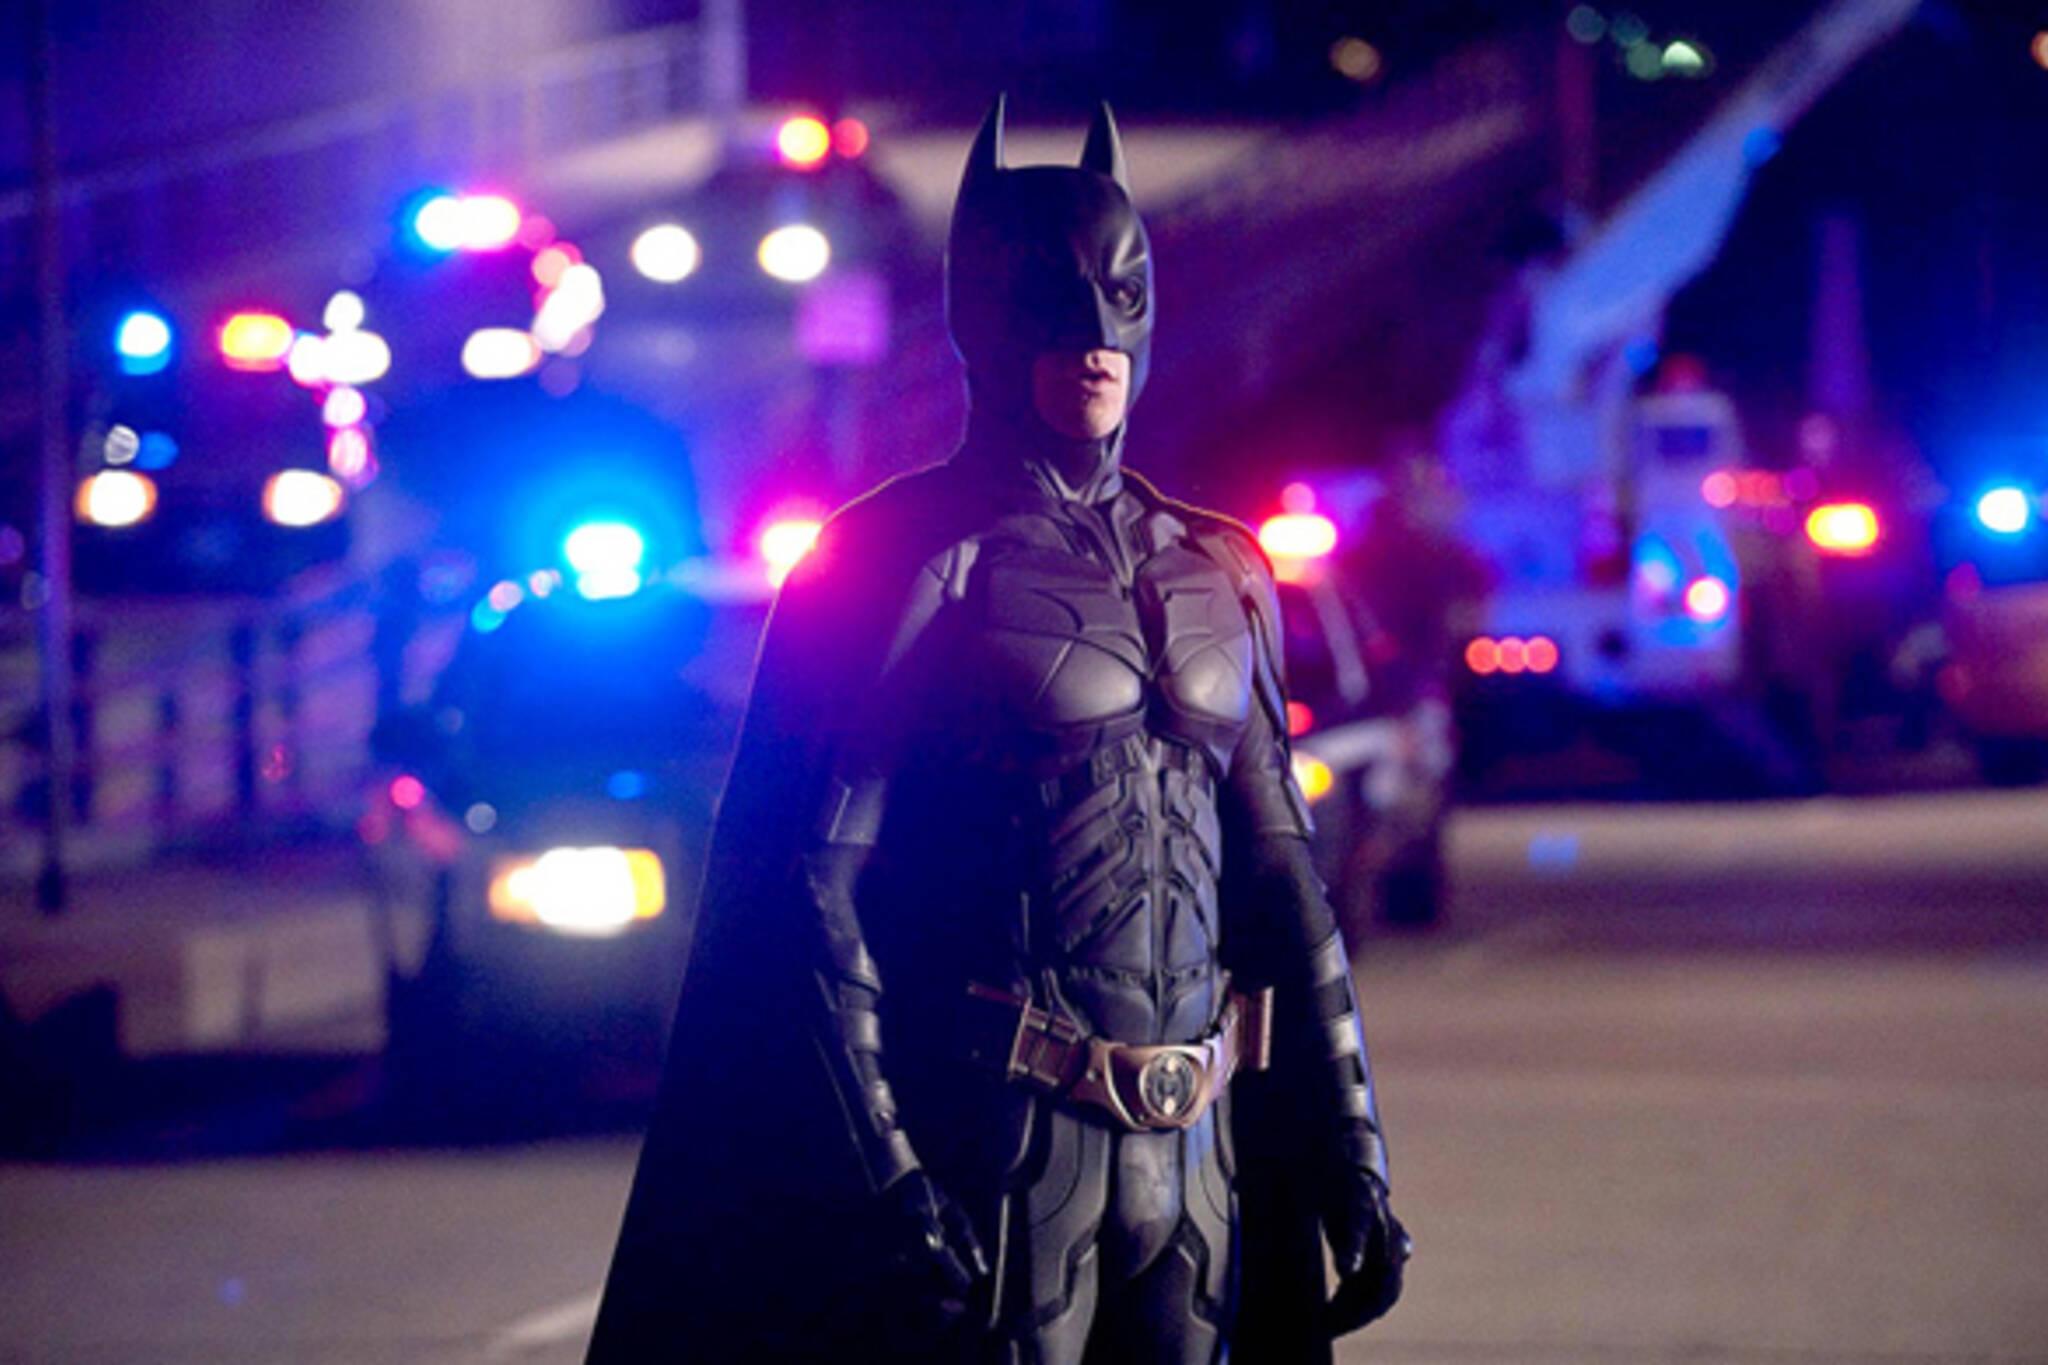 Batman film Toronto